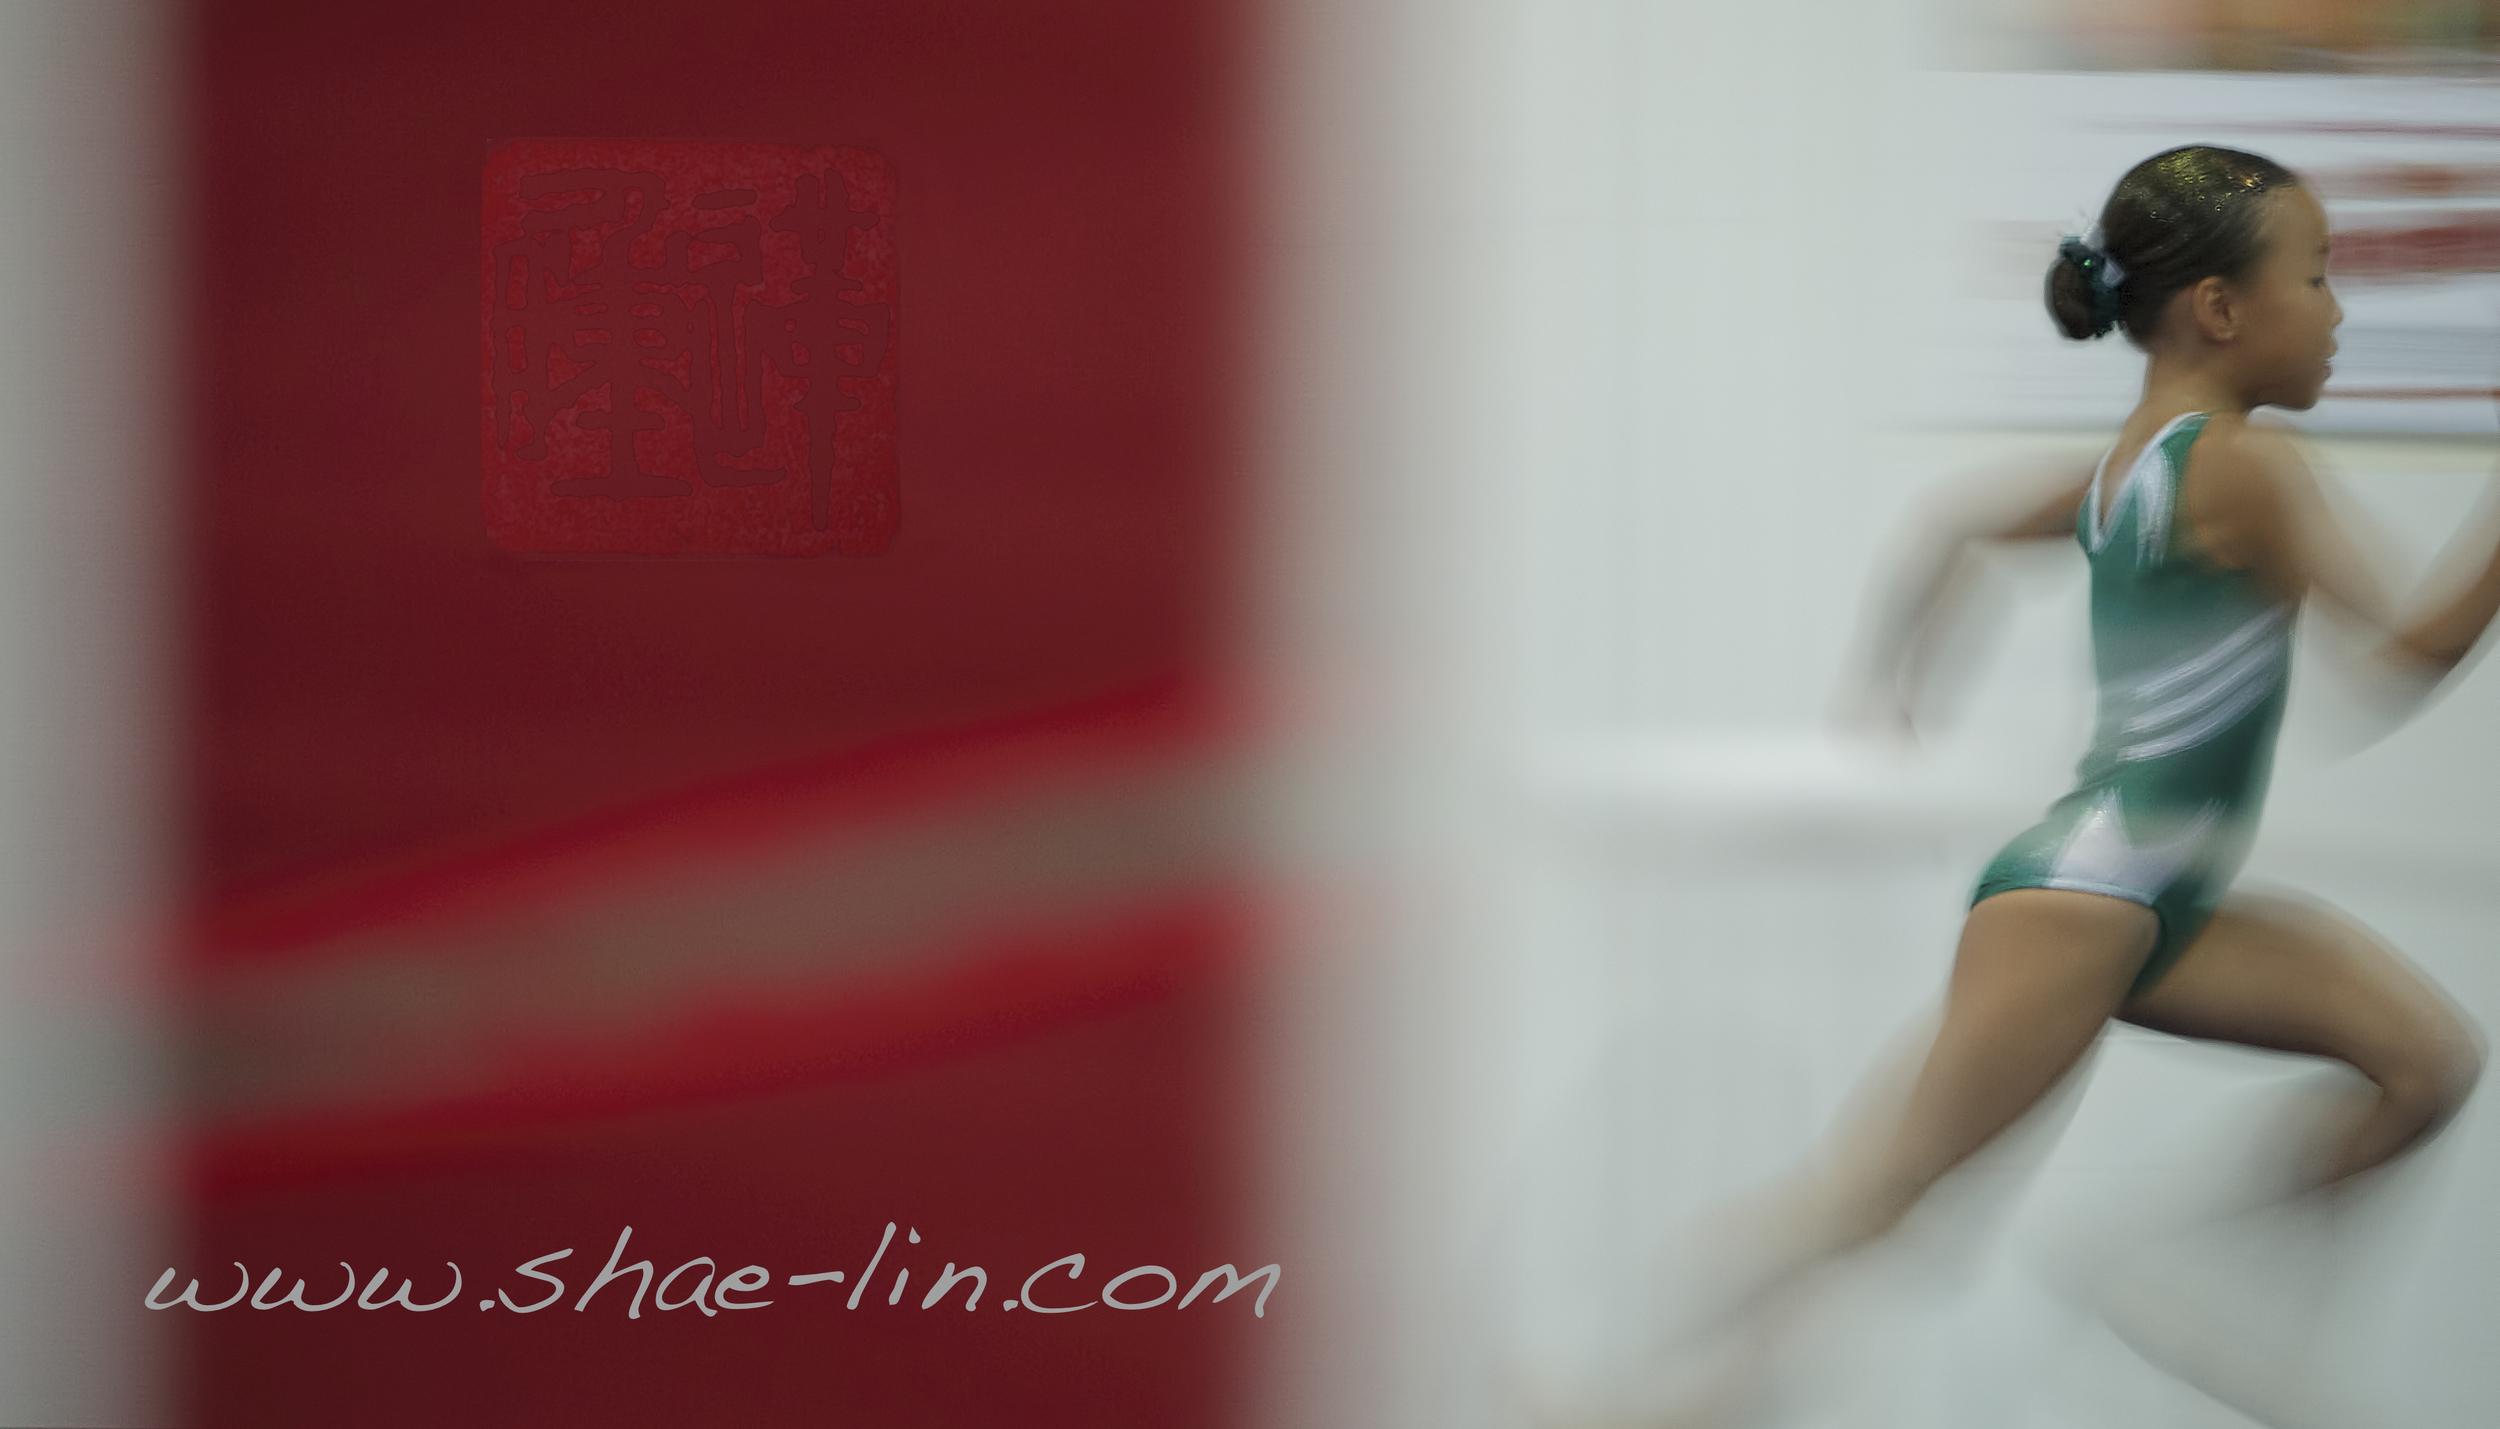 shae-lin.com4.jpg